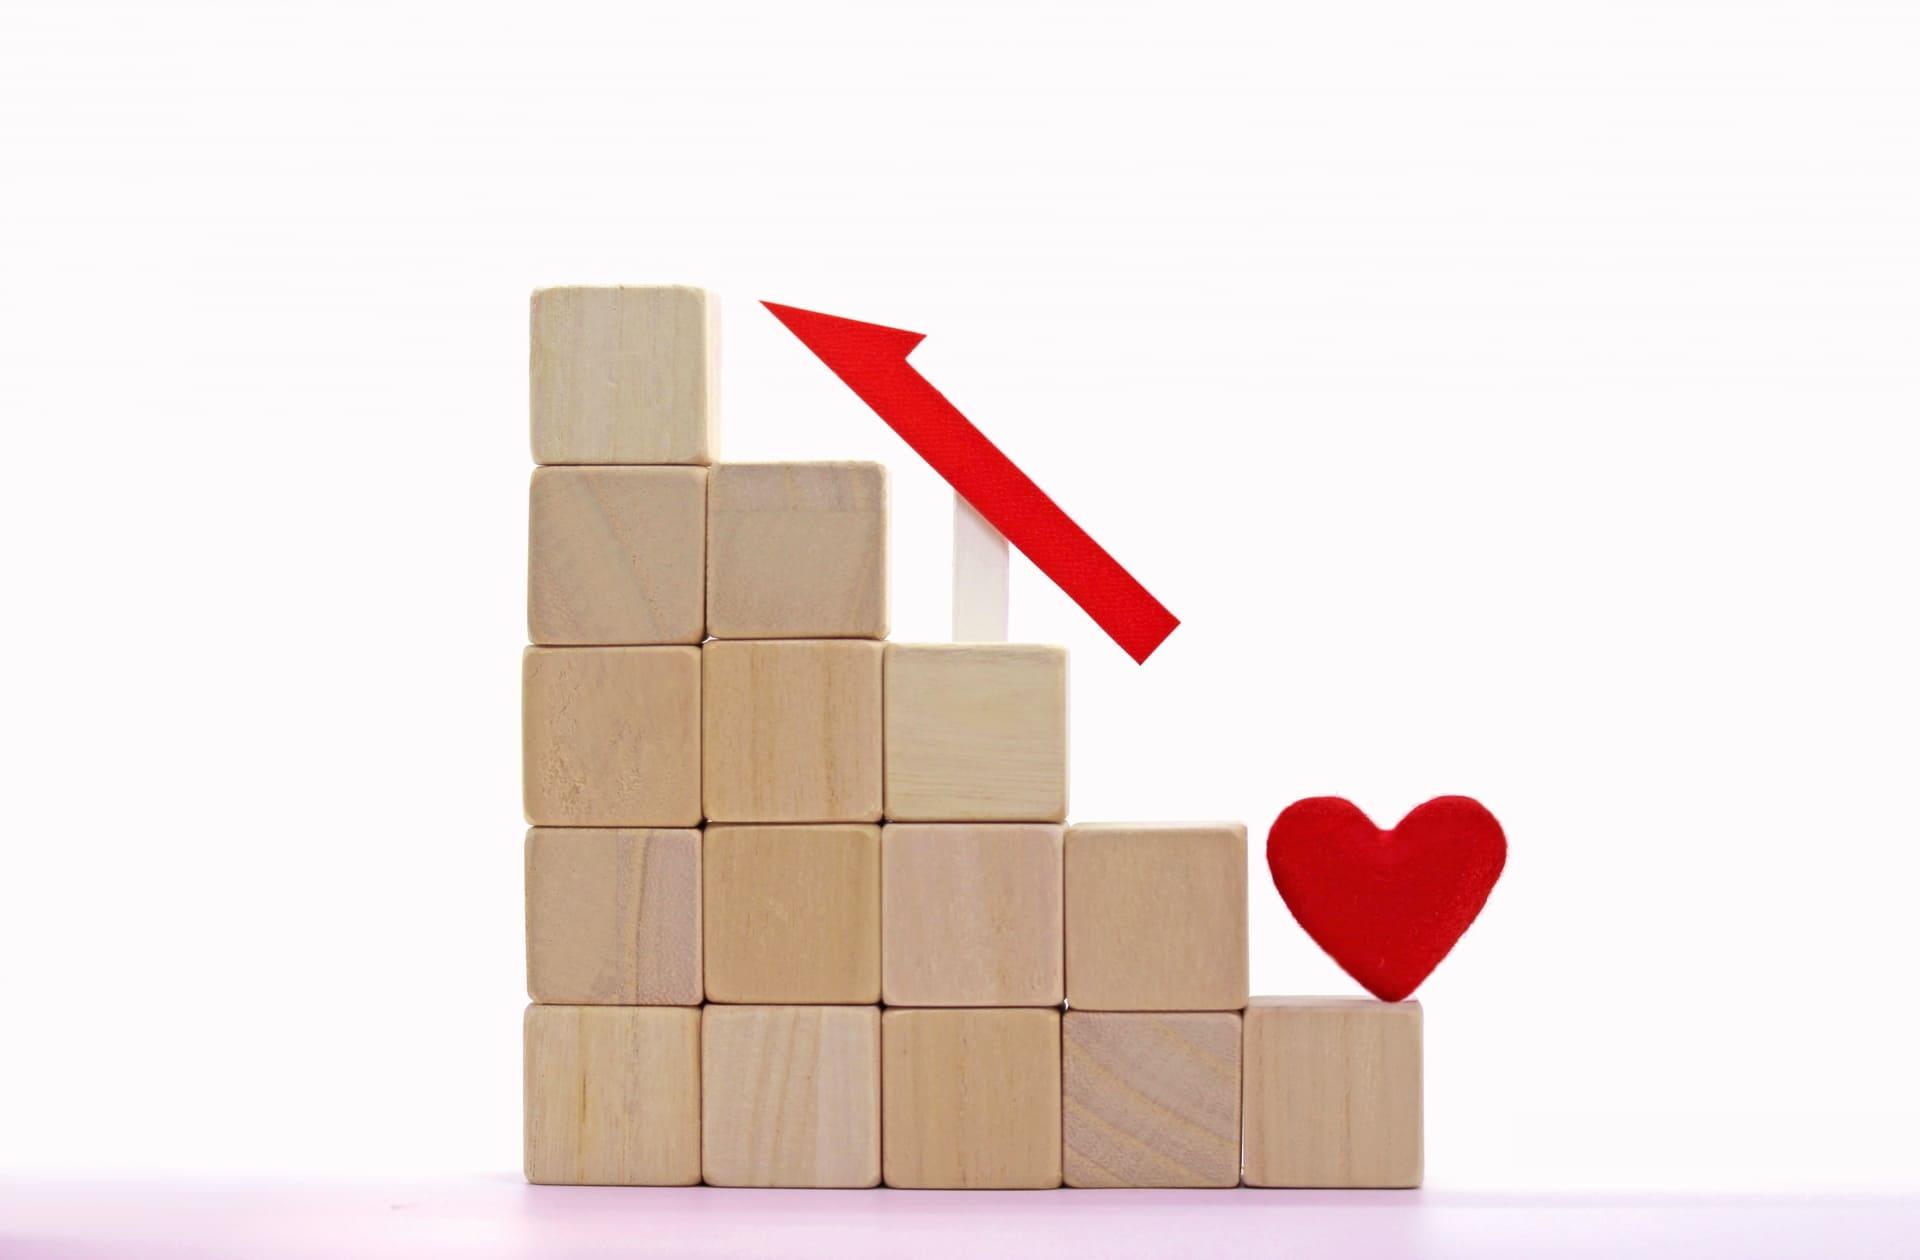 片思い占い|2021年6月、12月…2人の関係は進展する?恋の行方は?